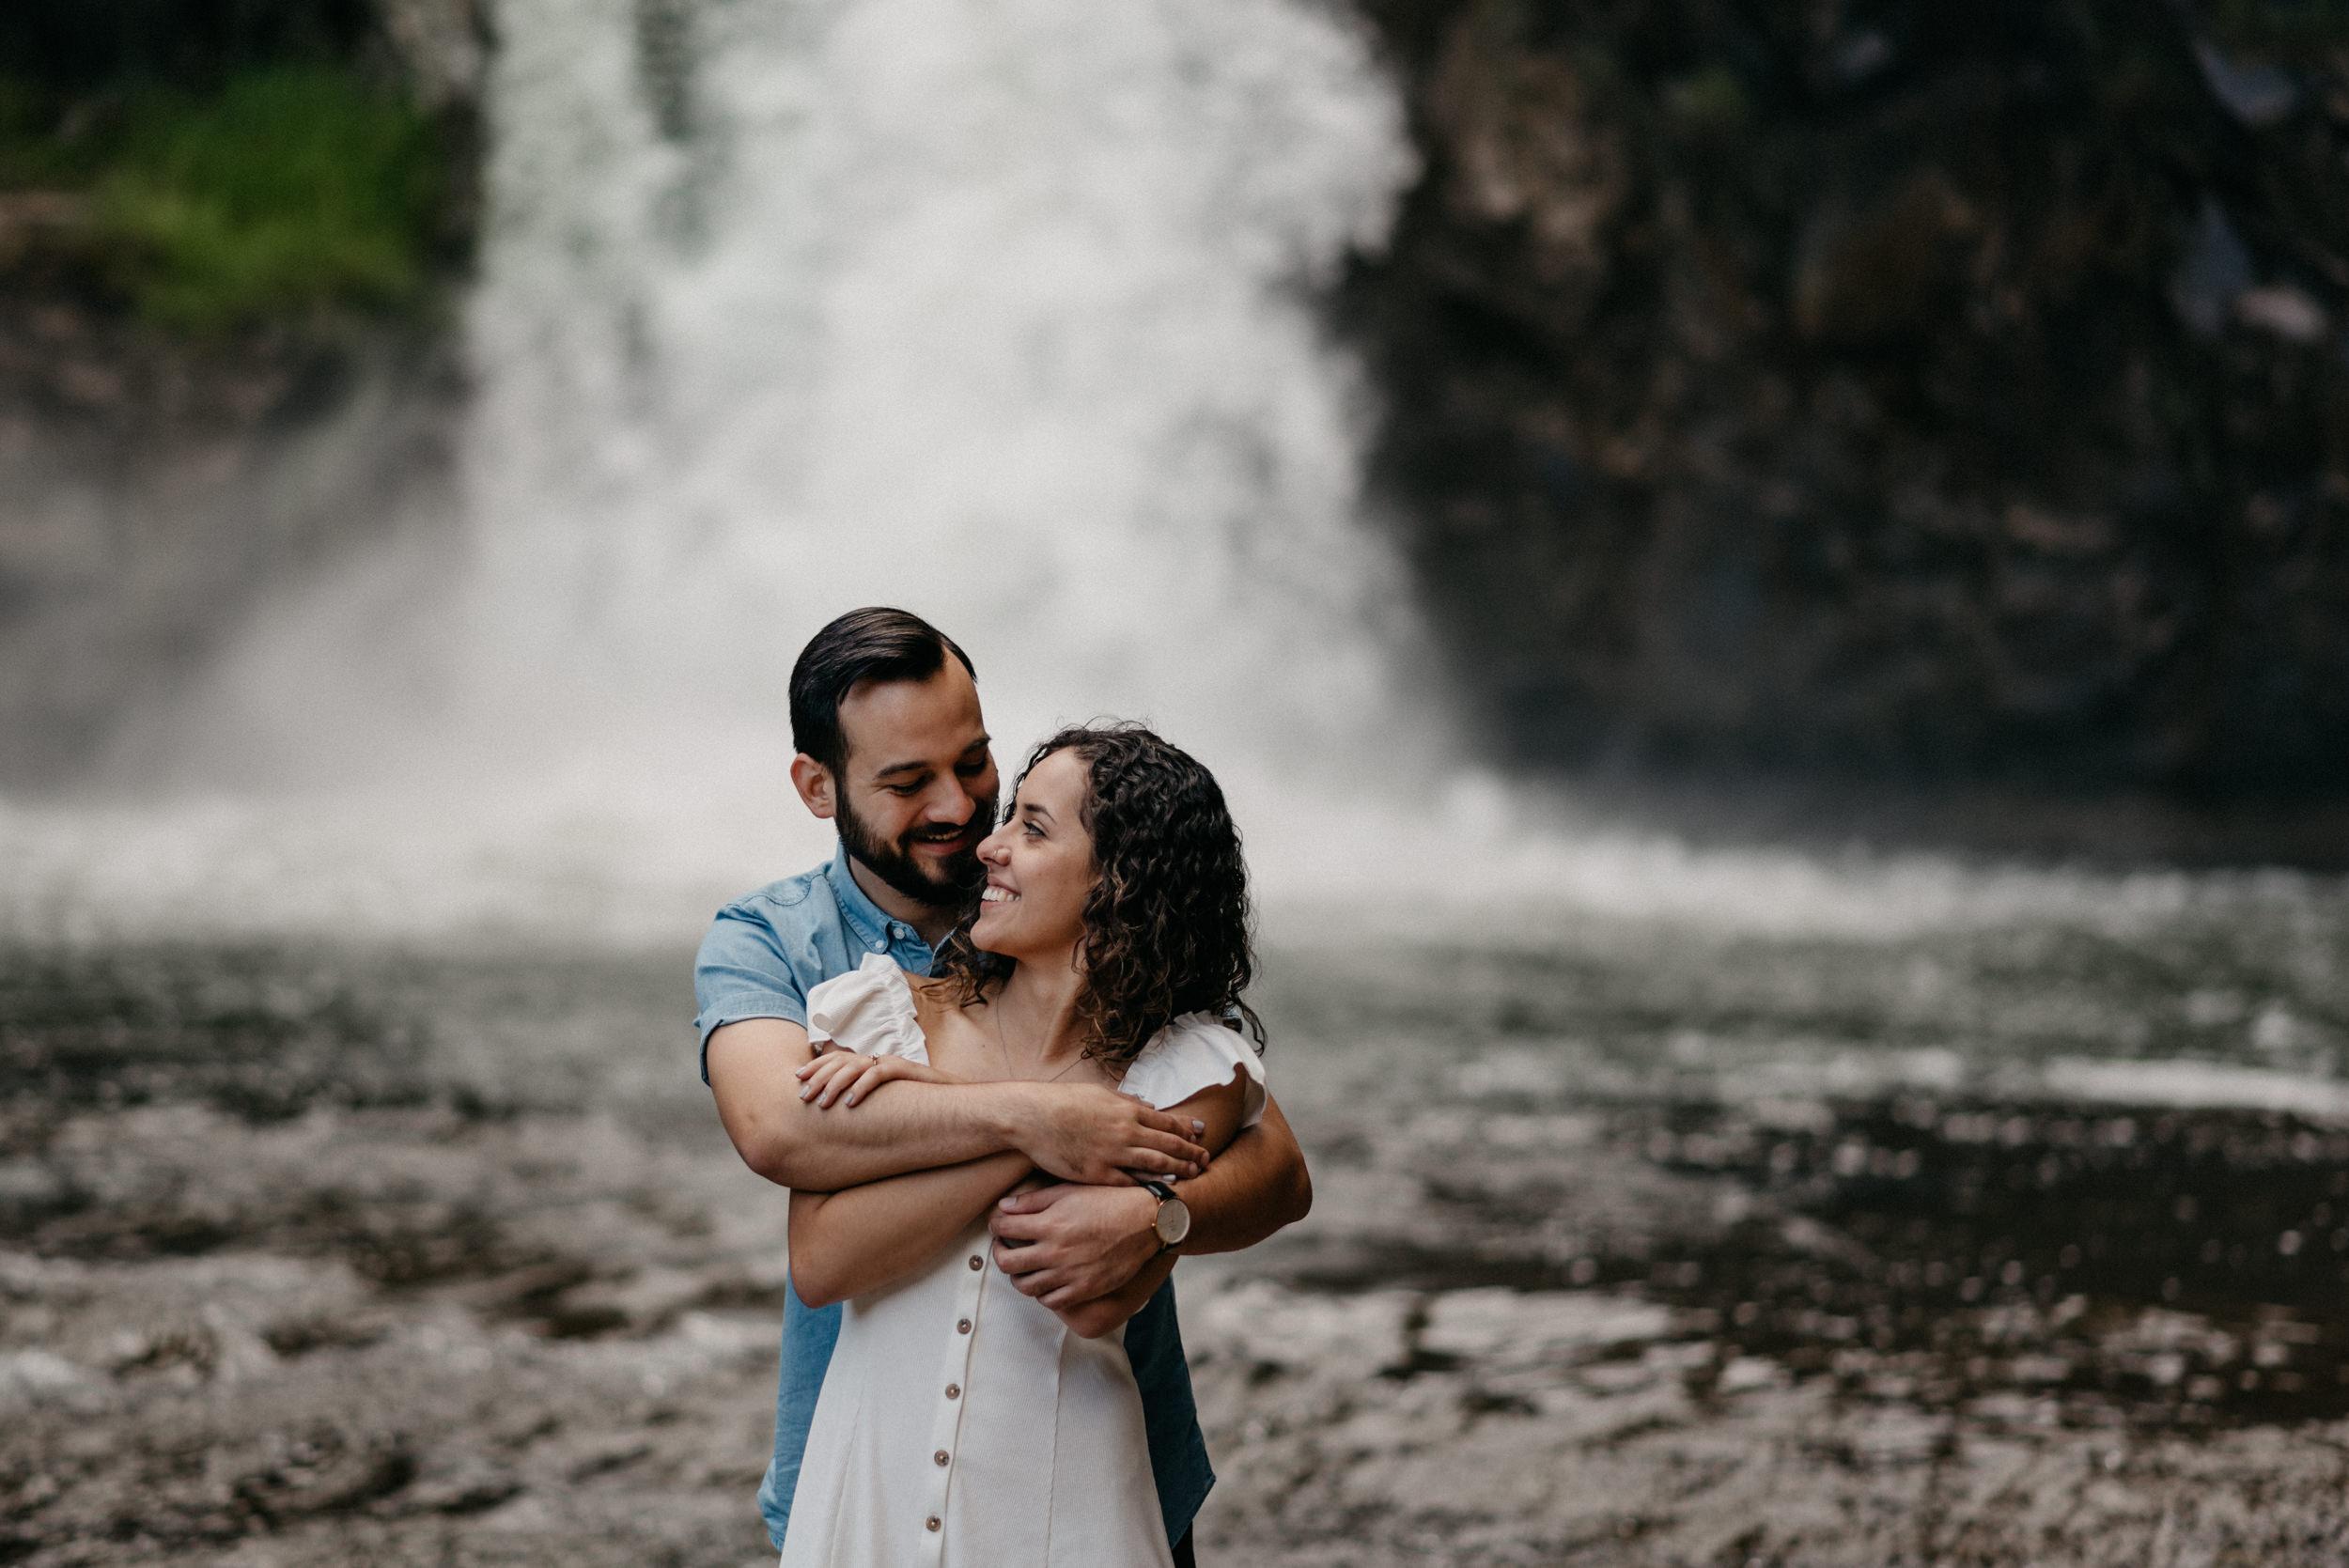 29-White-river-falls-state-park-engagement-5802.jpg